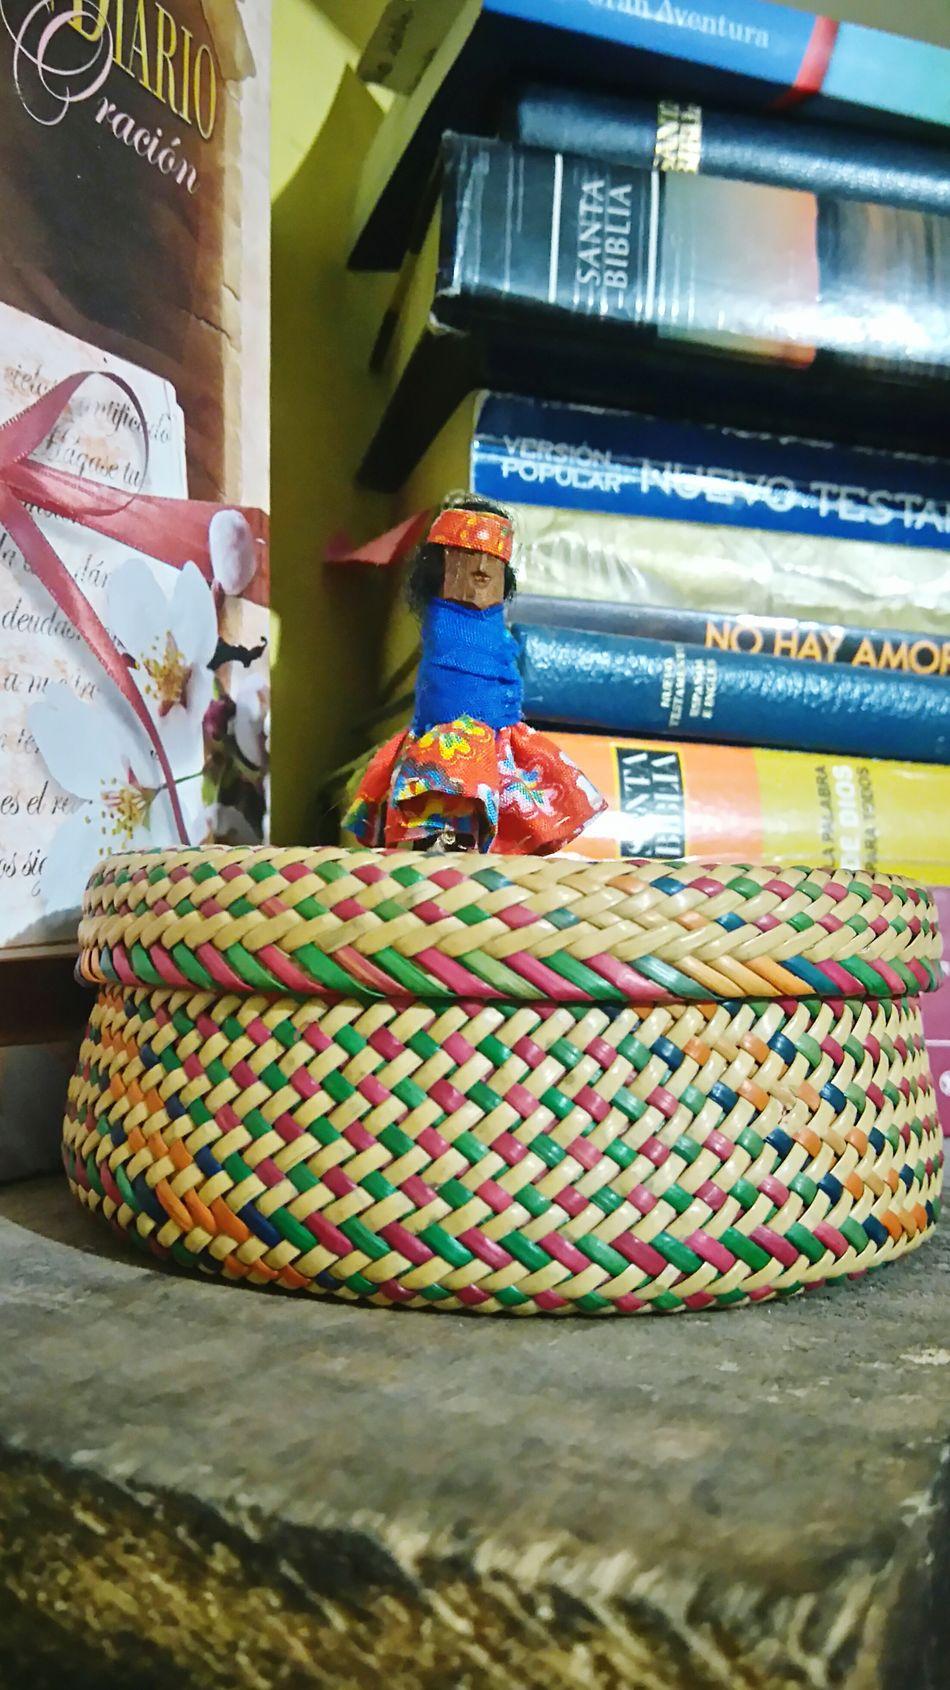 Artesanias Mexicanas Raramuri Tarahumara Recuerdosdemiviaje Oramosporetniasmexicanas